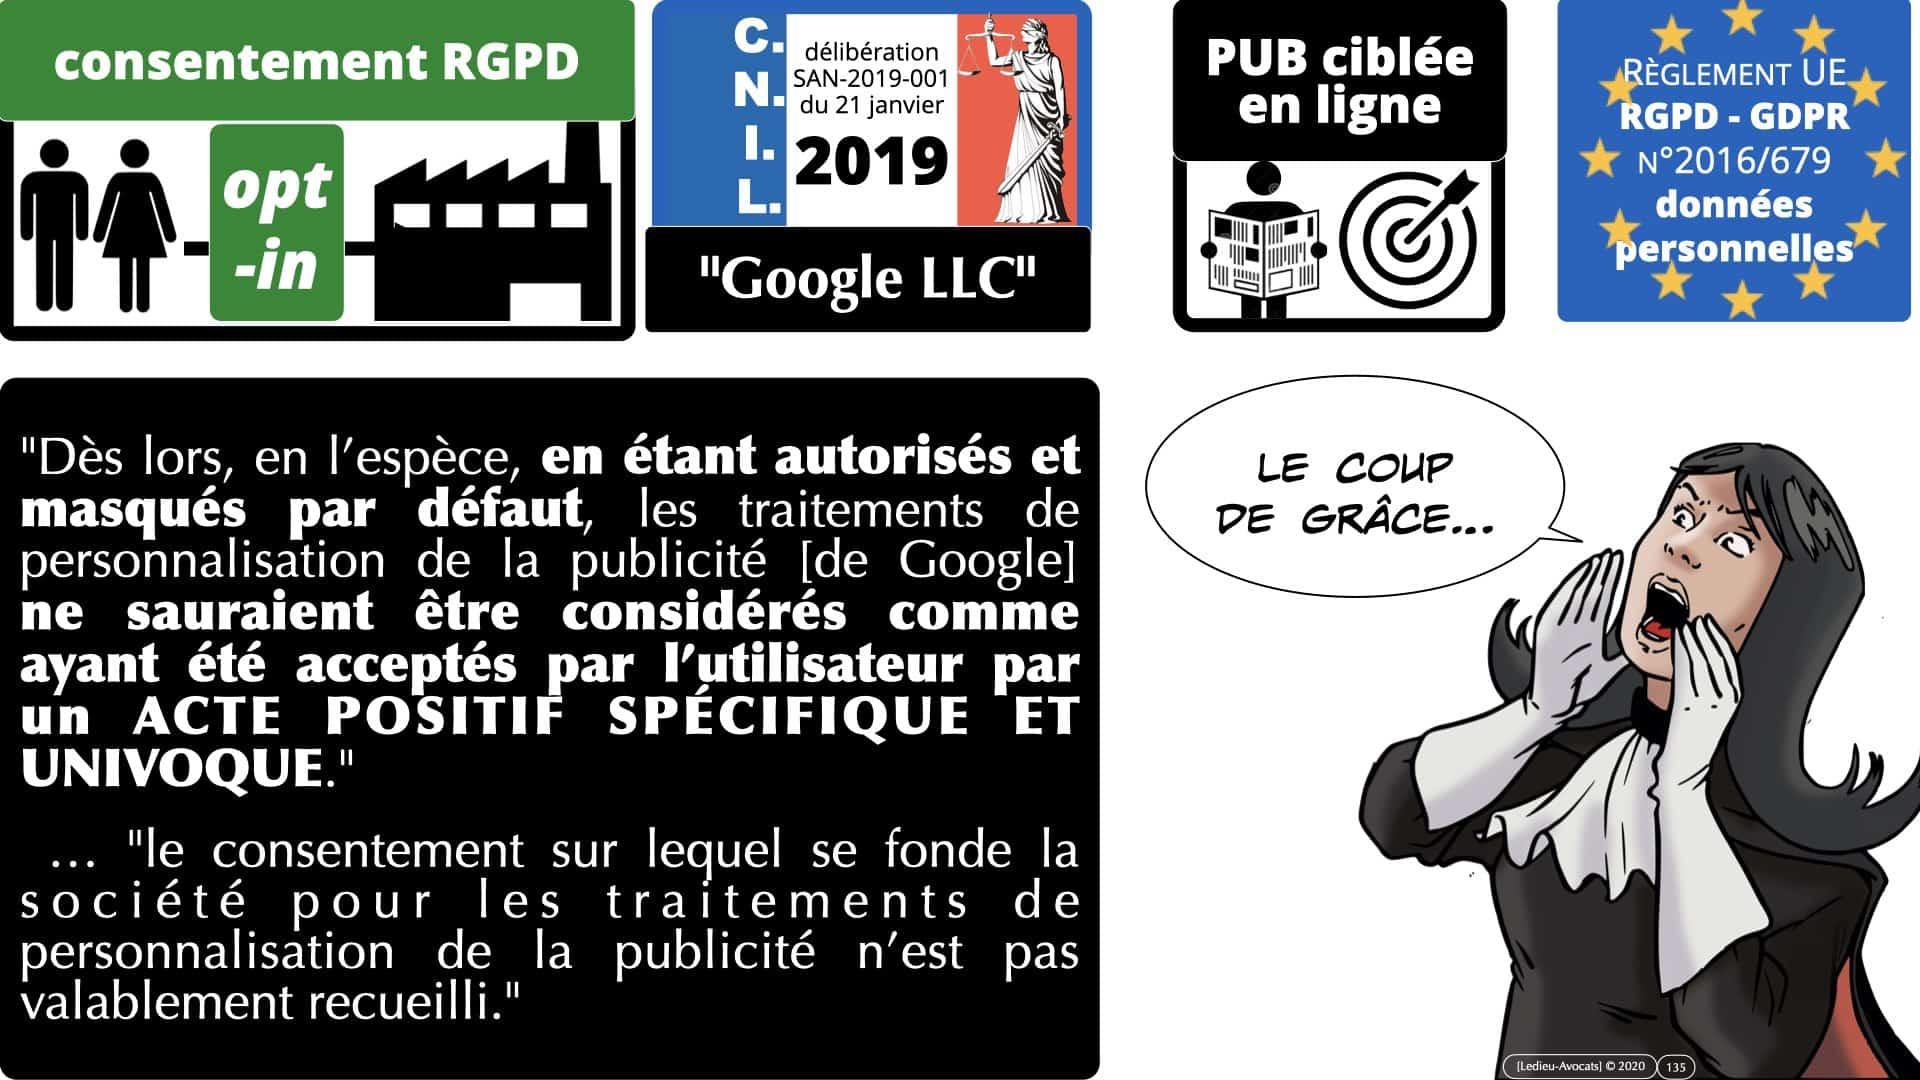 RGPD e-Privacy données personnelles jurisprudence formation Lamy Les Echos 10-02-2021 ©Ledieu-Avocats.135